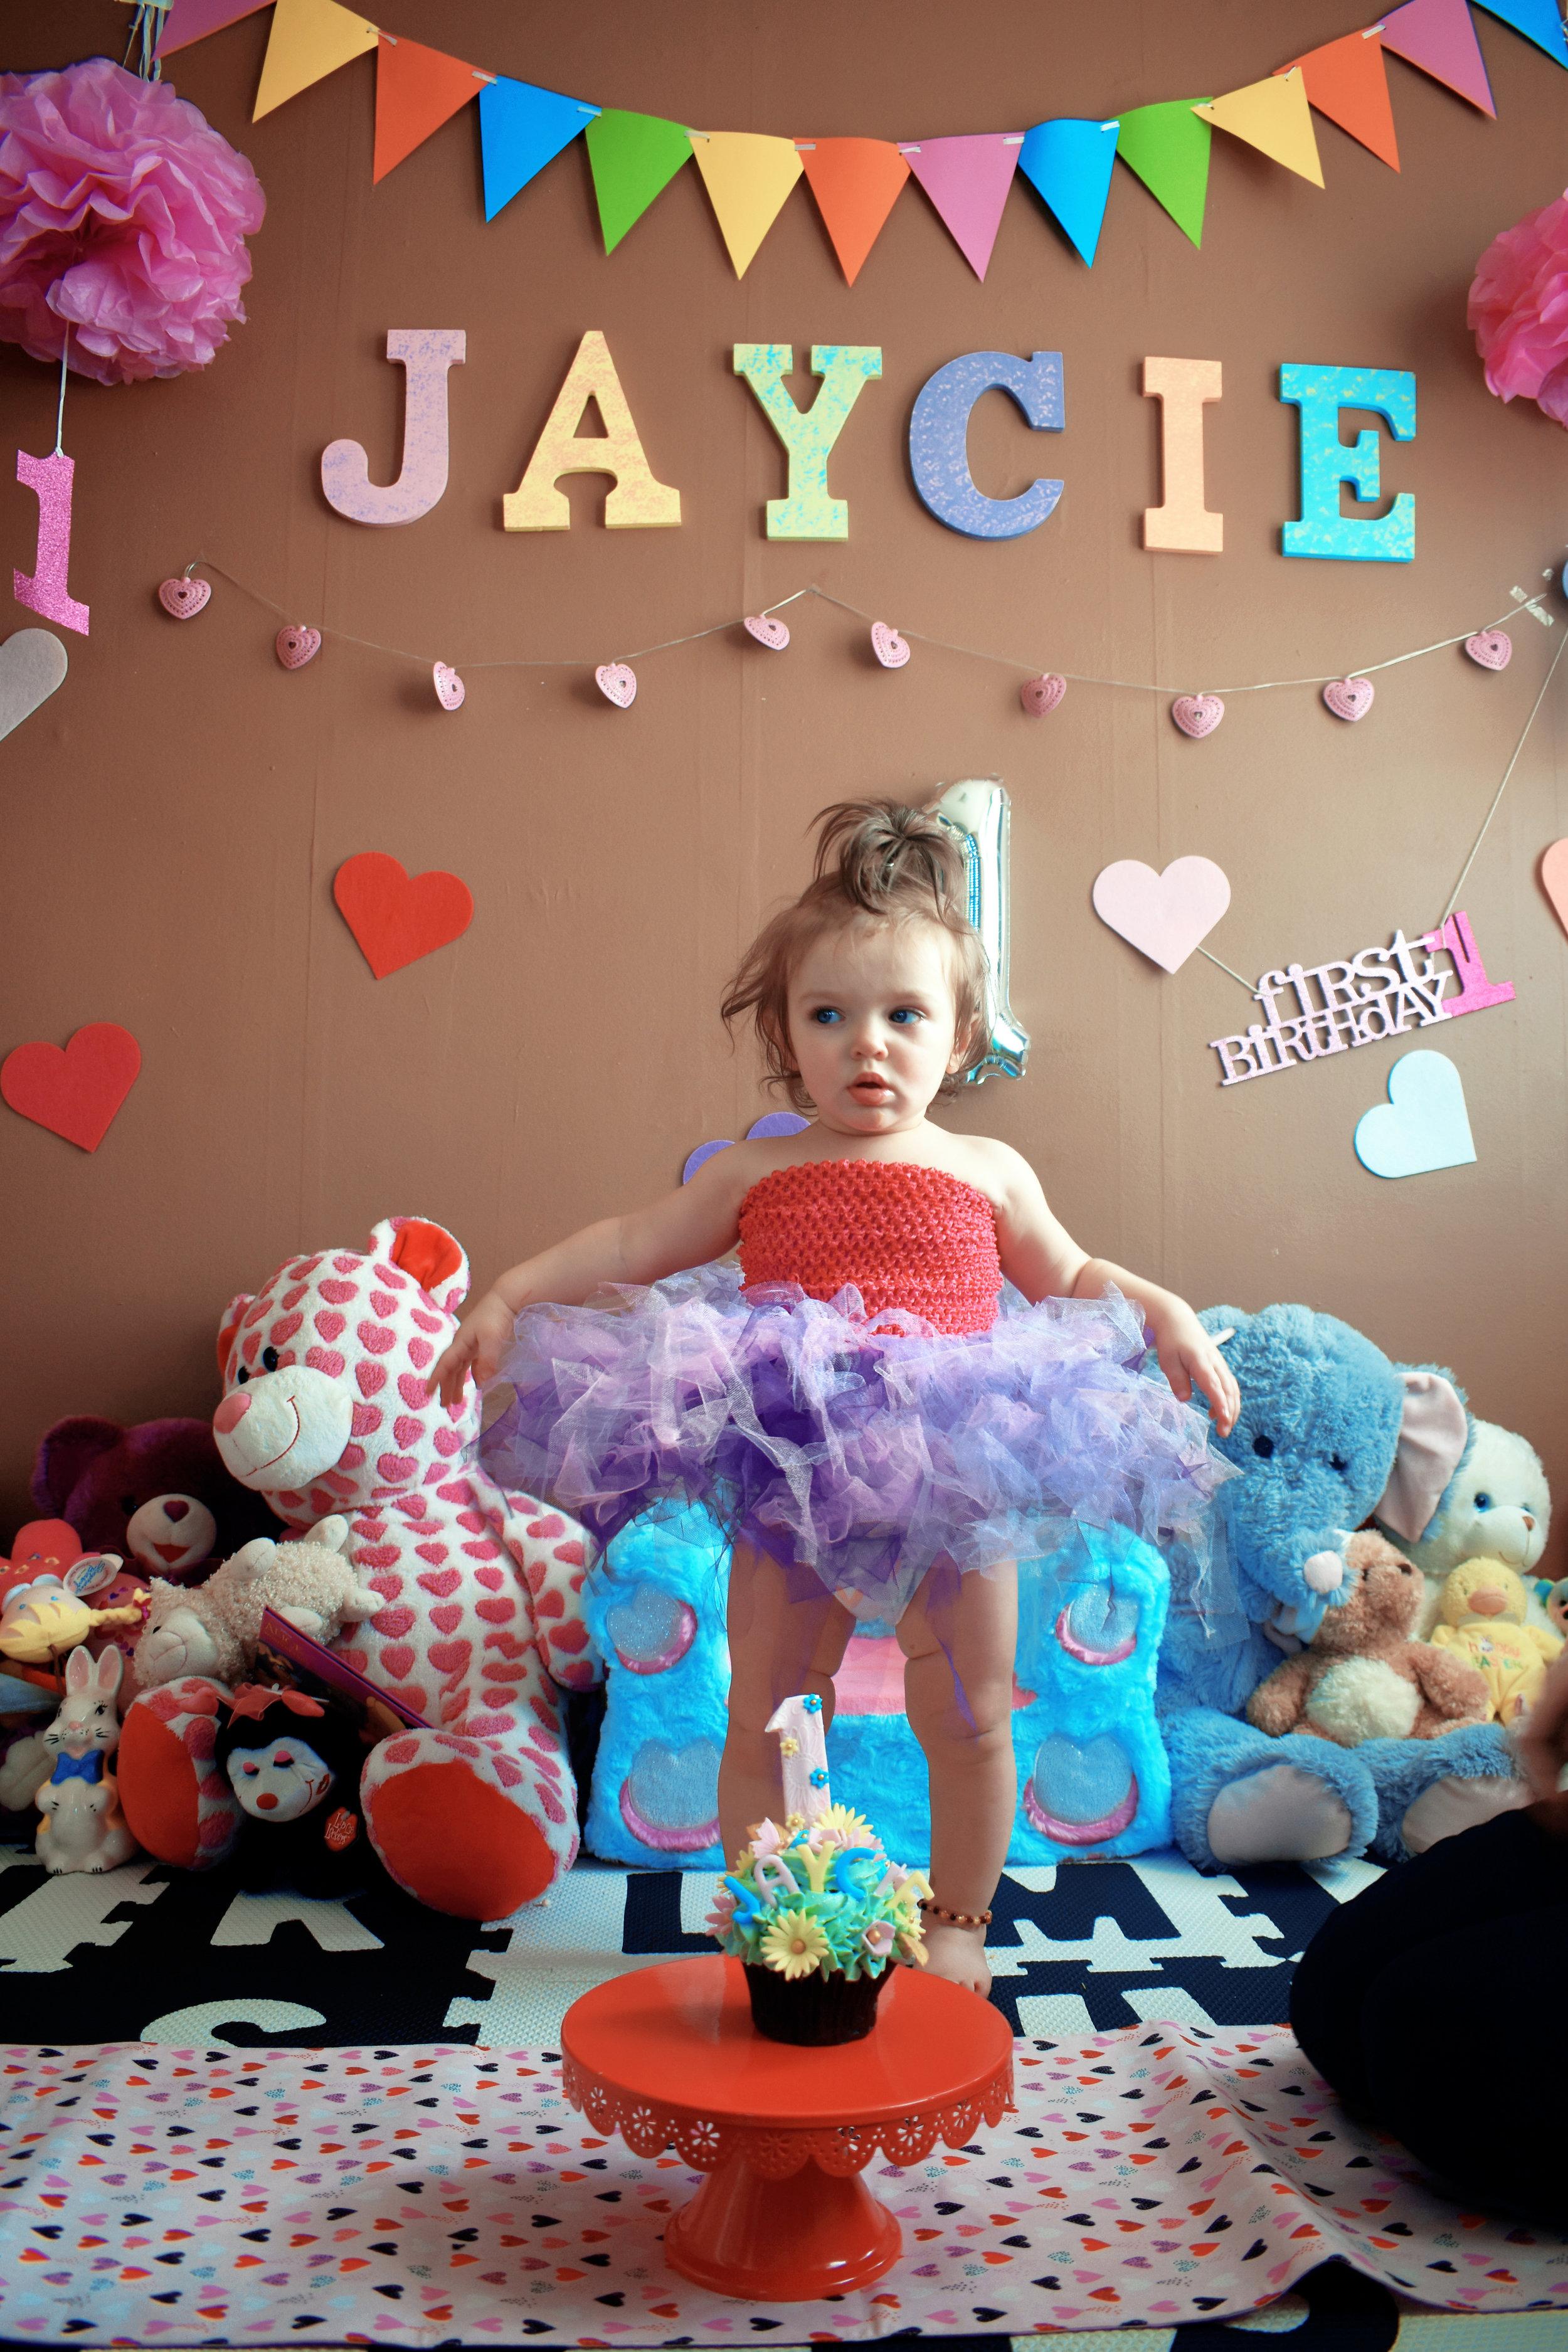 Jaycie16.jpg